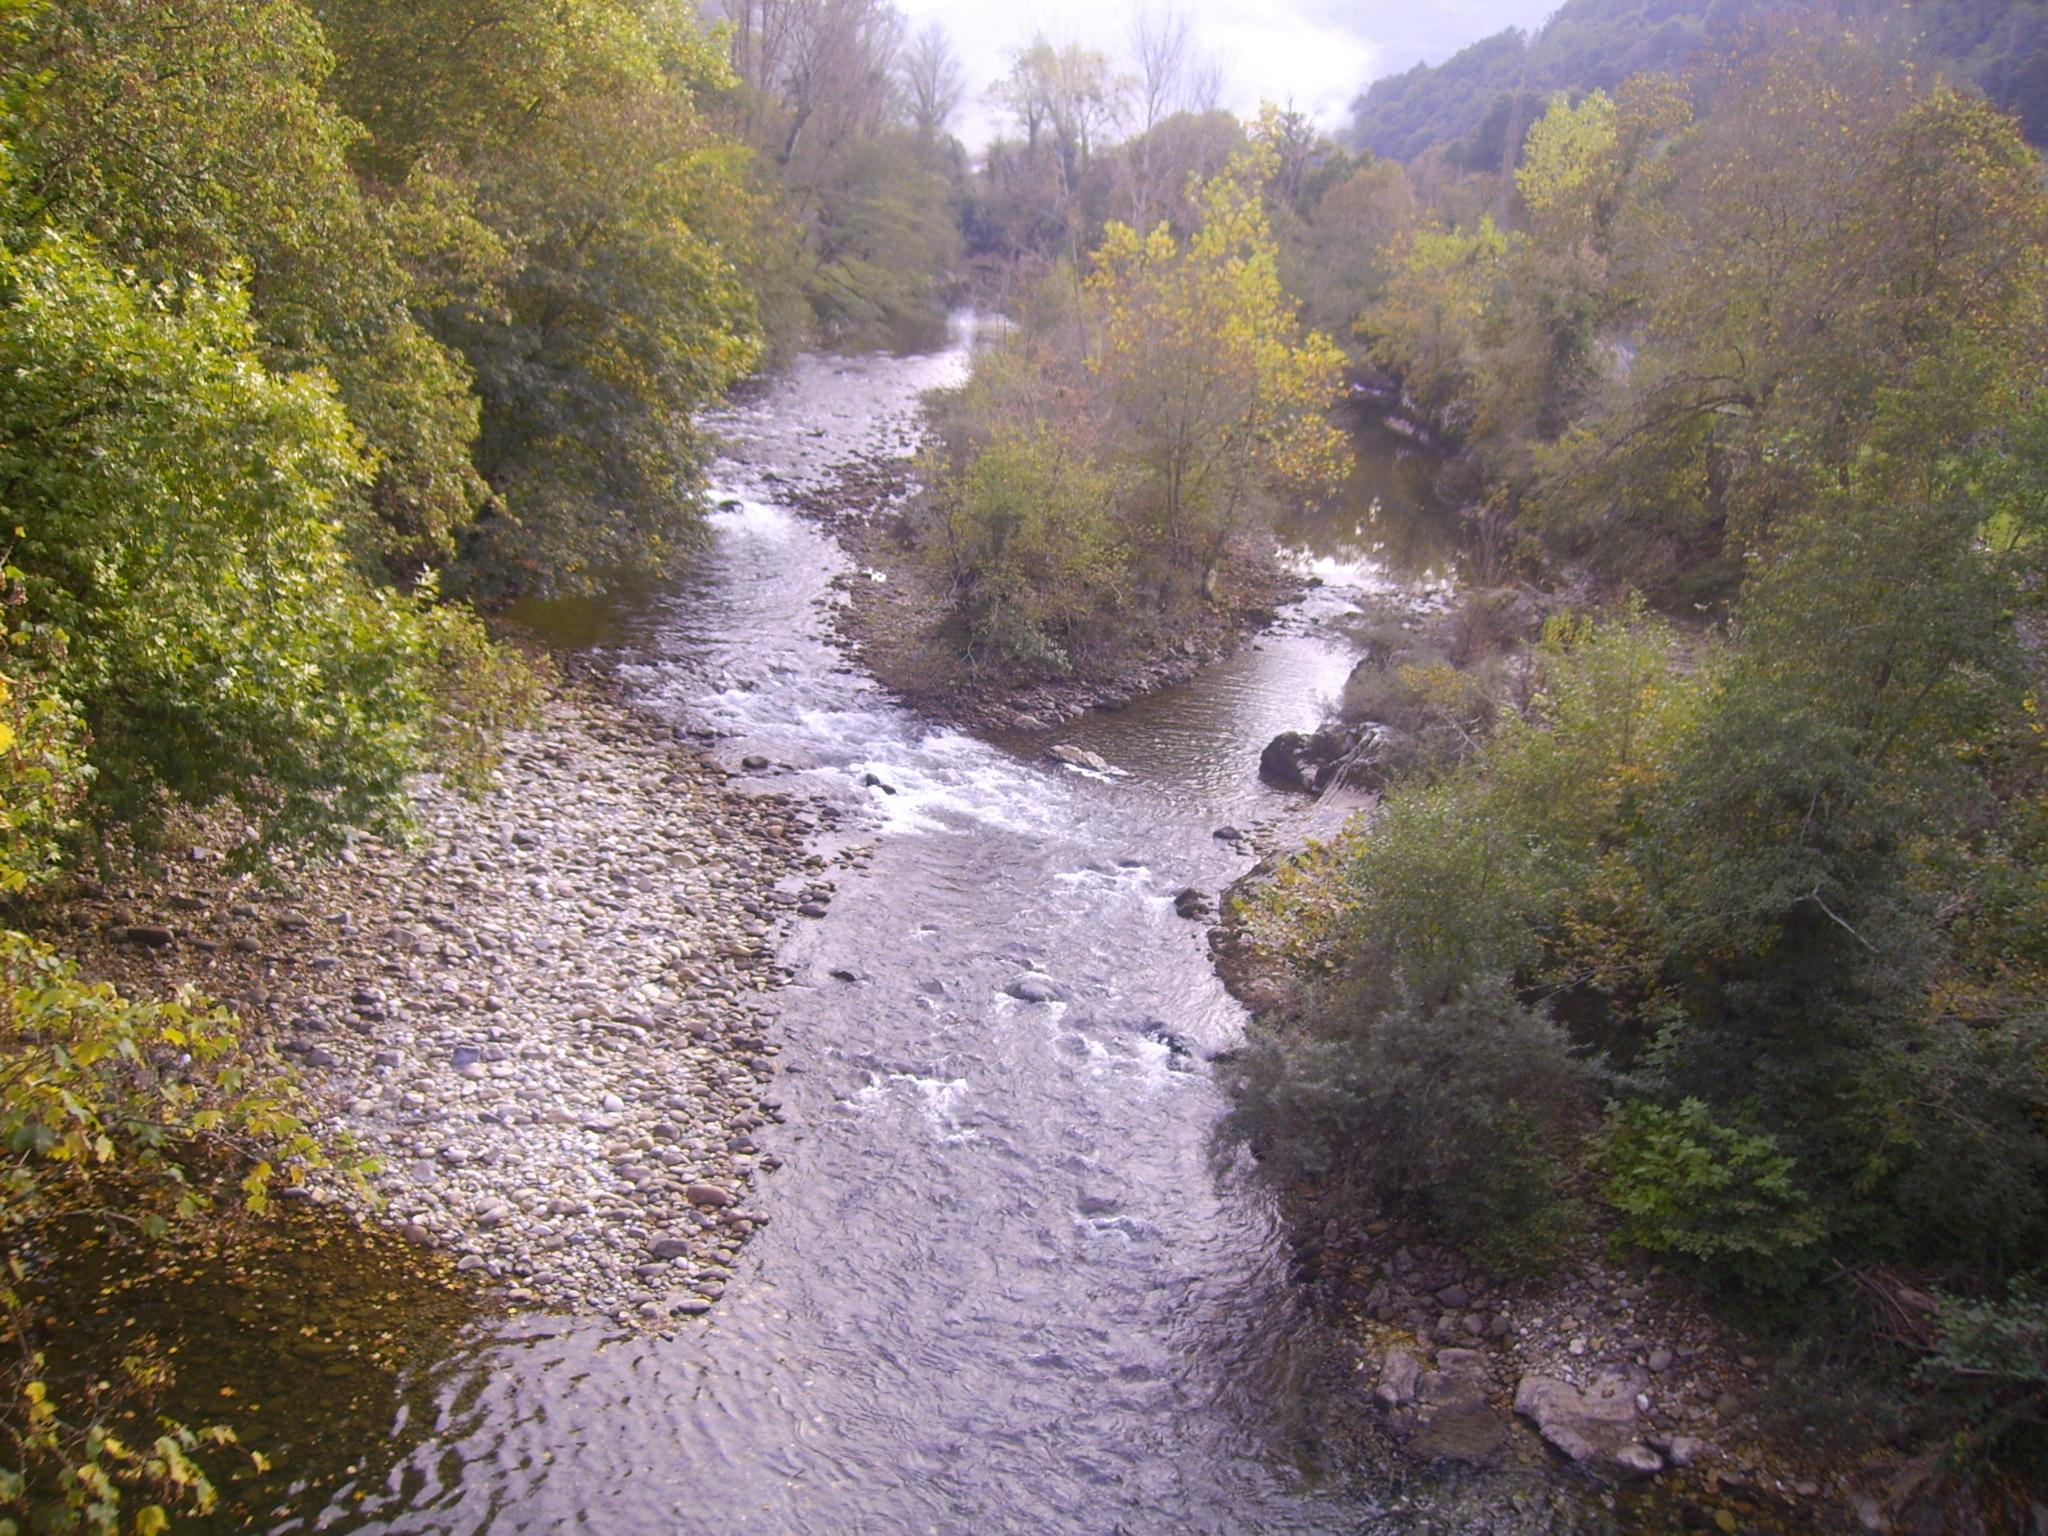 """""""Río Sella"""" por Pelayo Alonso Huerta - Trabajo propio. Disponible bajo la licencia CC BY-SA 3.0 vía Wikimedia Commons."""